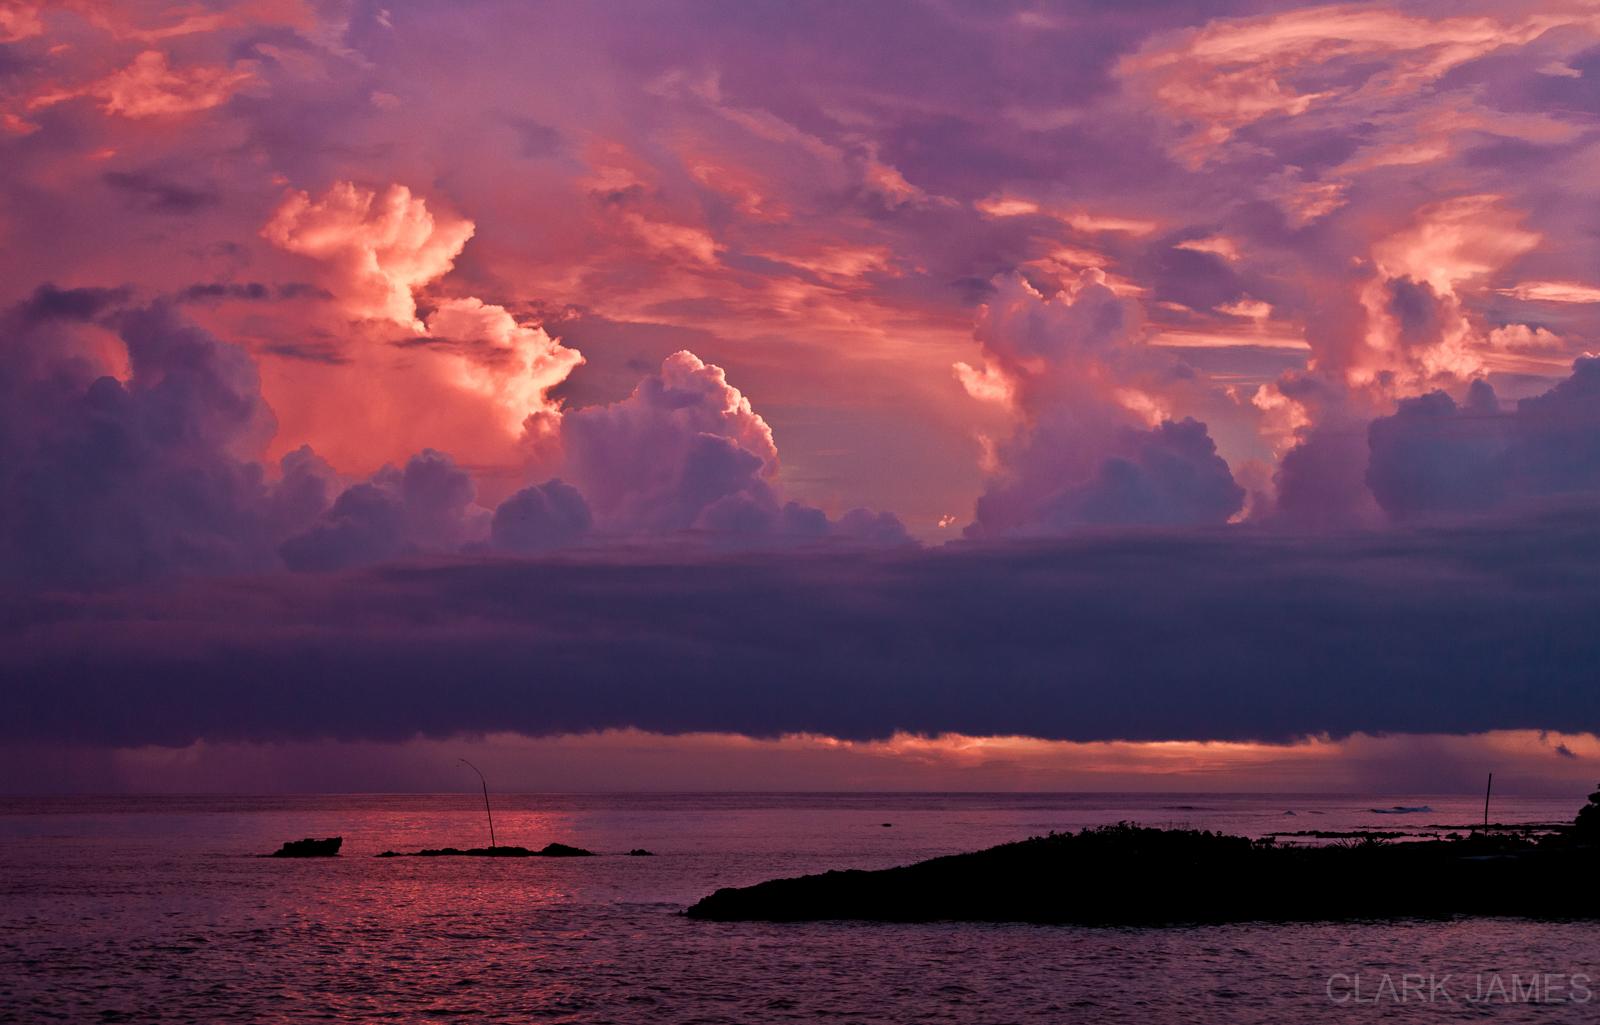 SUNSET OVER BANANA BAY, VANUATU